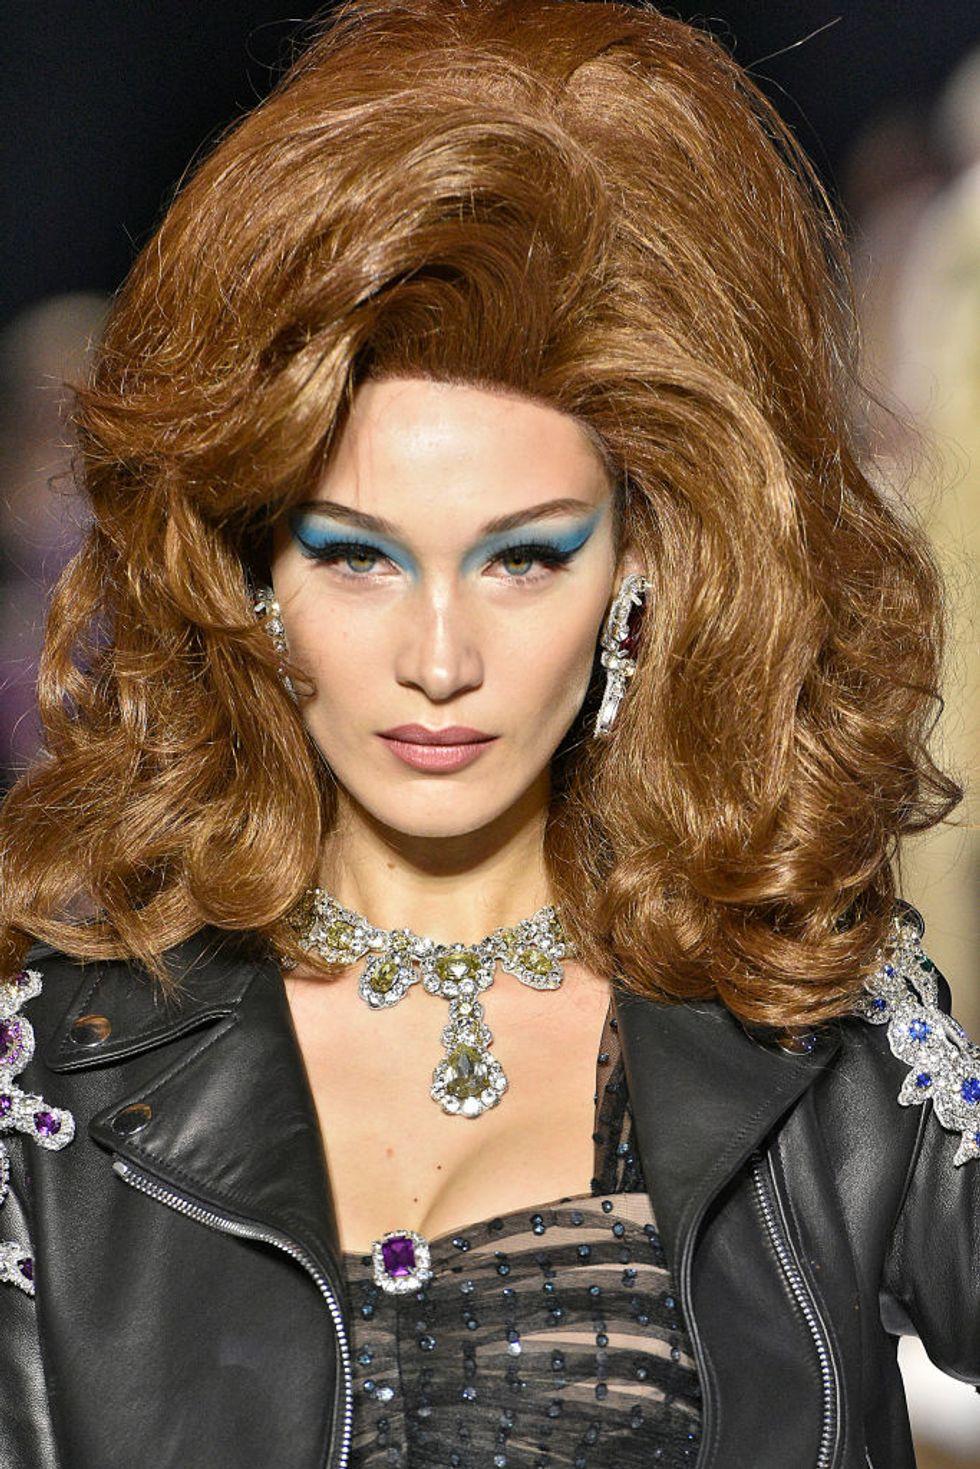 tendencias-beauty-otono-lucir-ya pelo drag queen ru paul